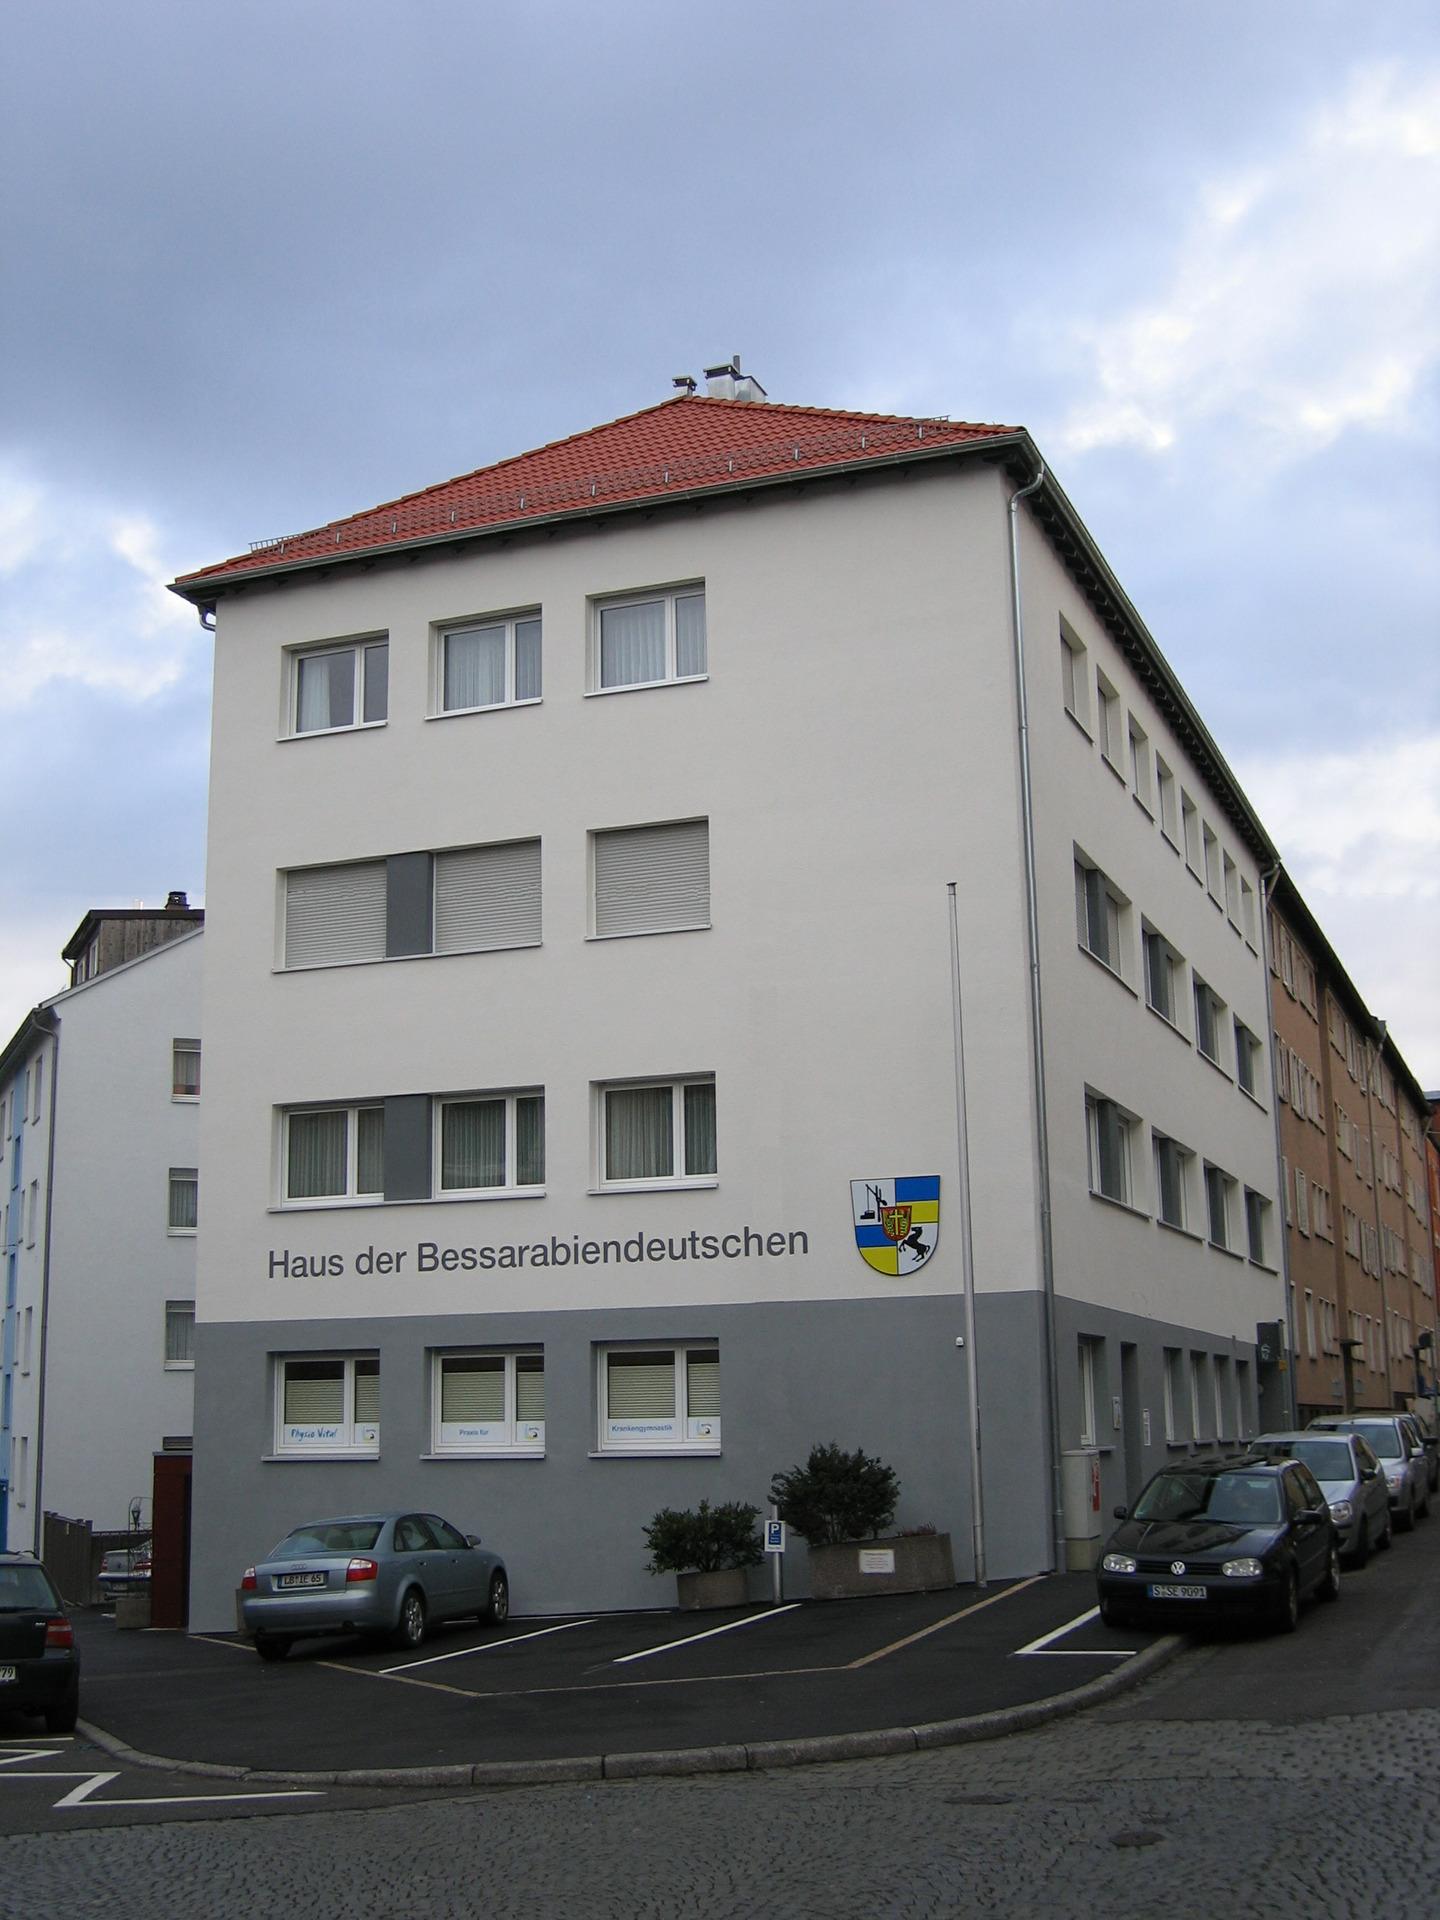 2012-08-06_Haus_der_Bessarabiendeutschen-Bild_003.png